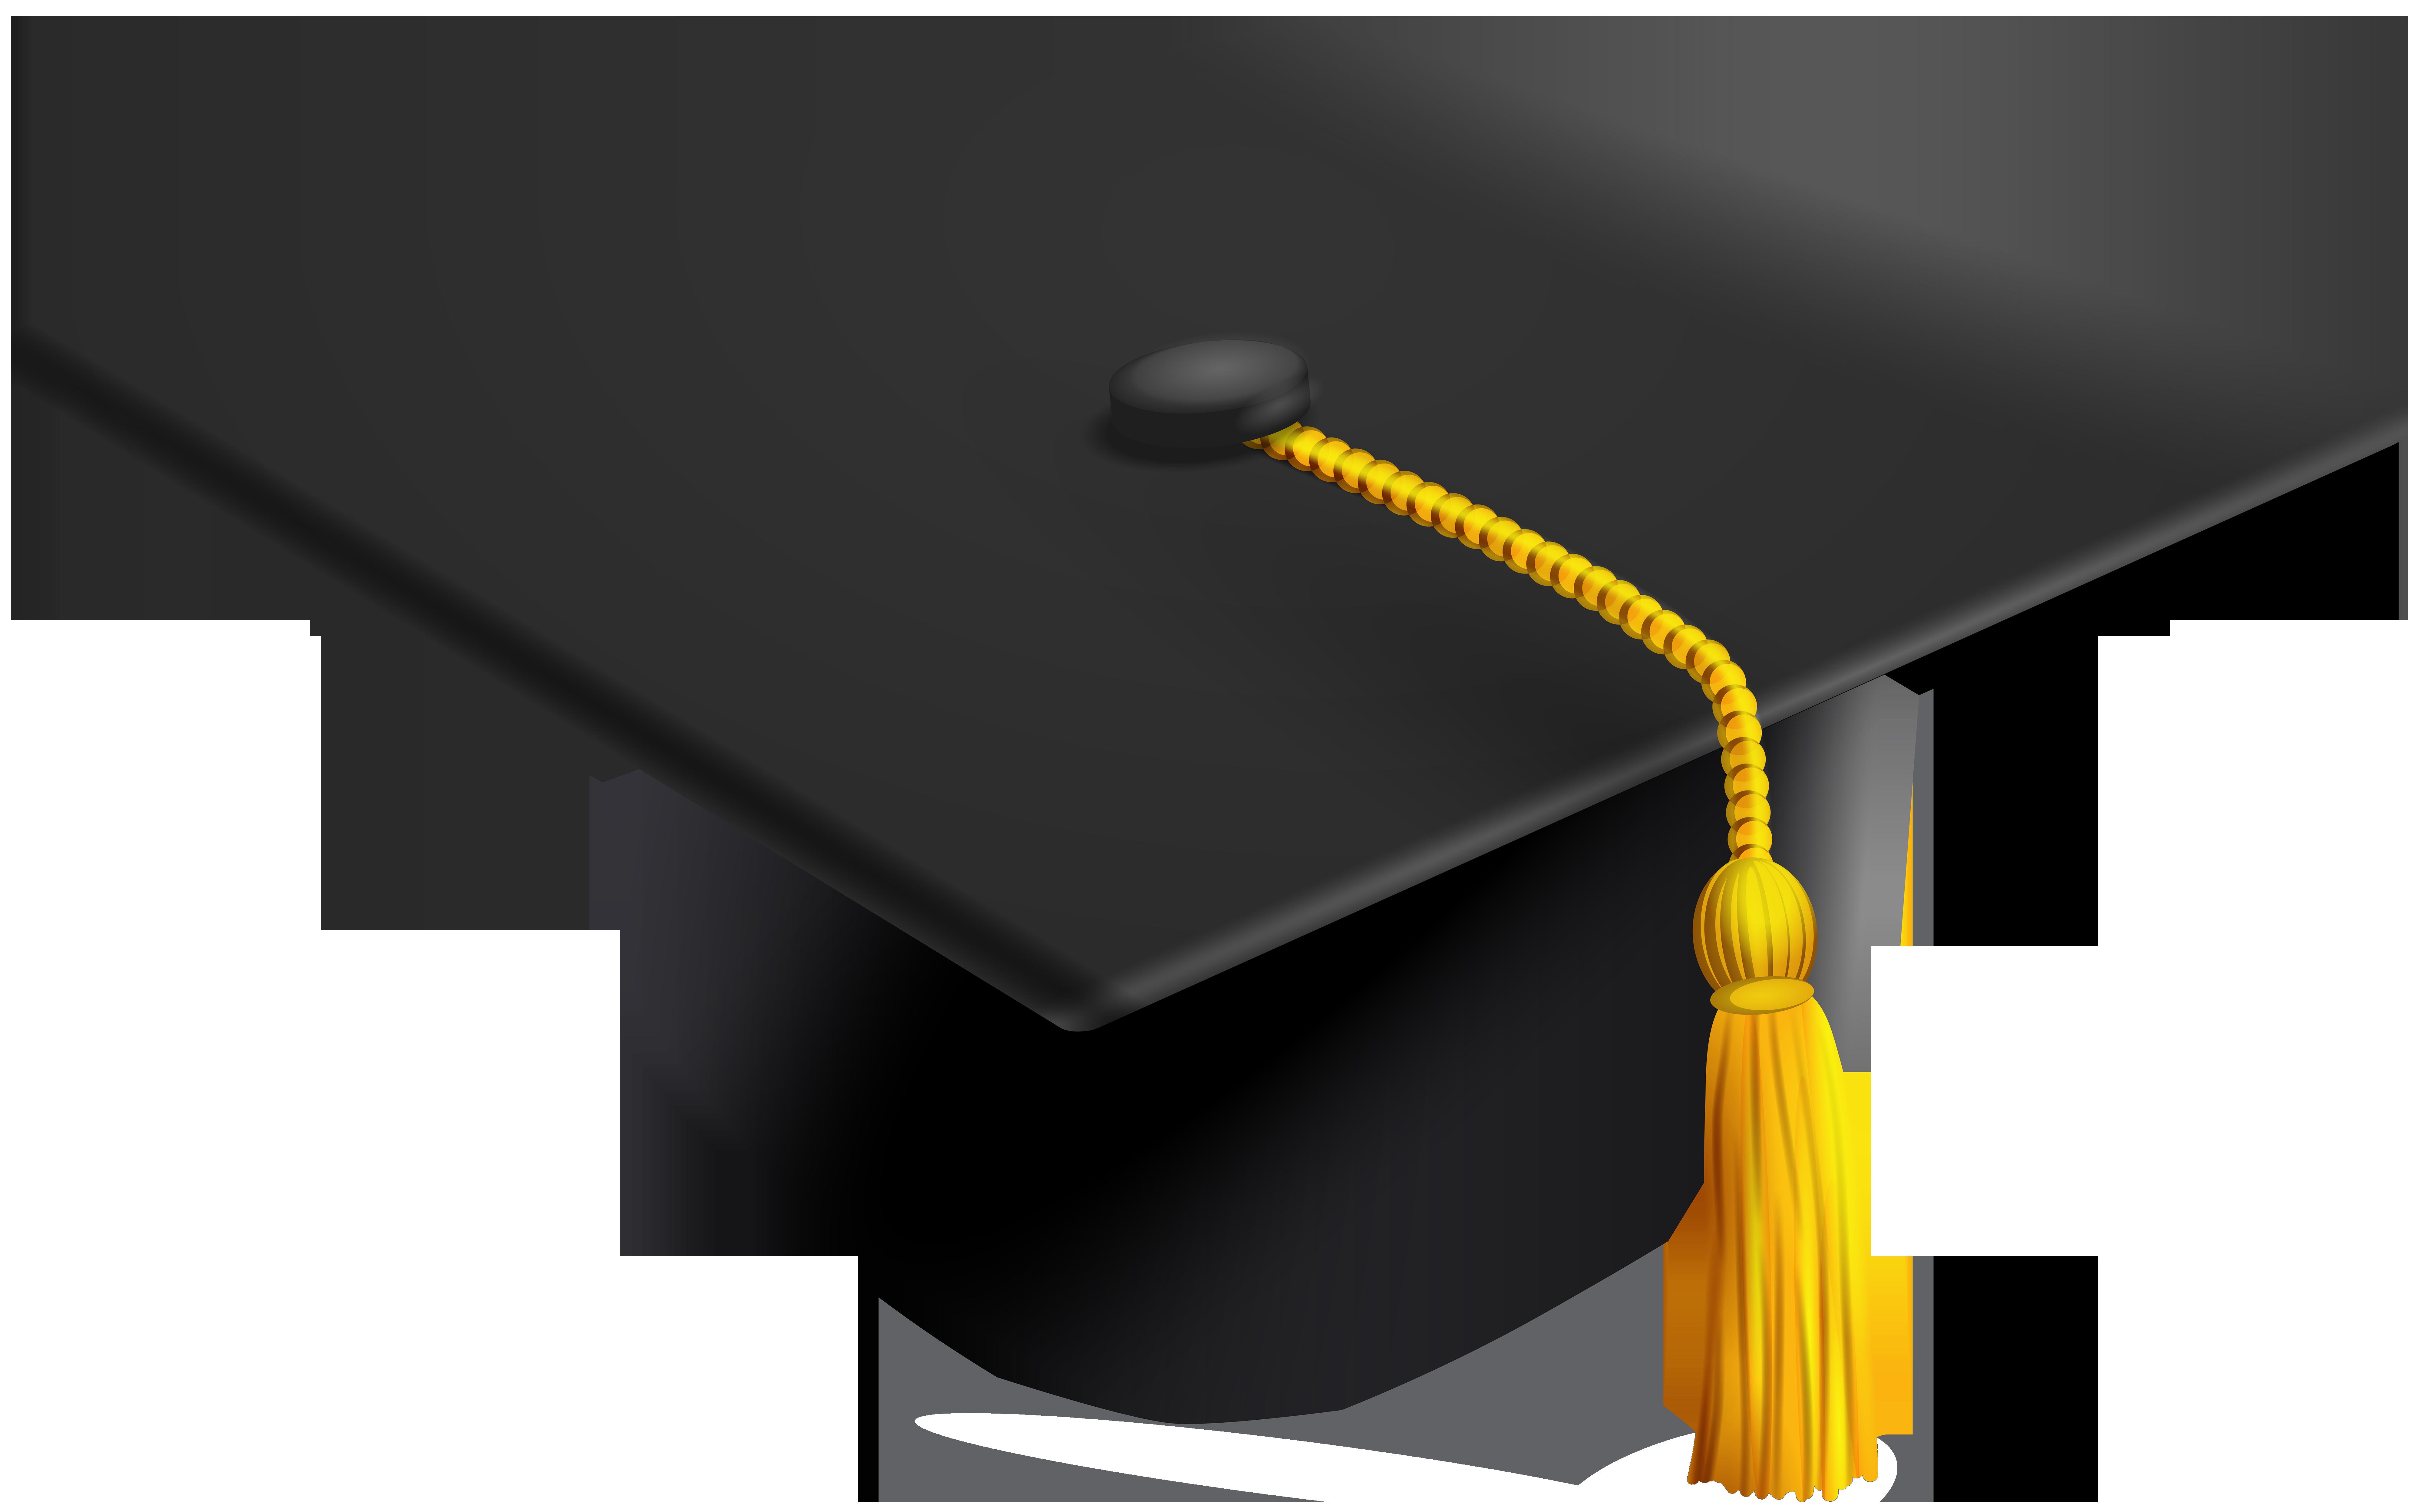 Graduation clipart graduation hat. Transparent clip art image